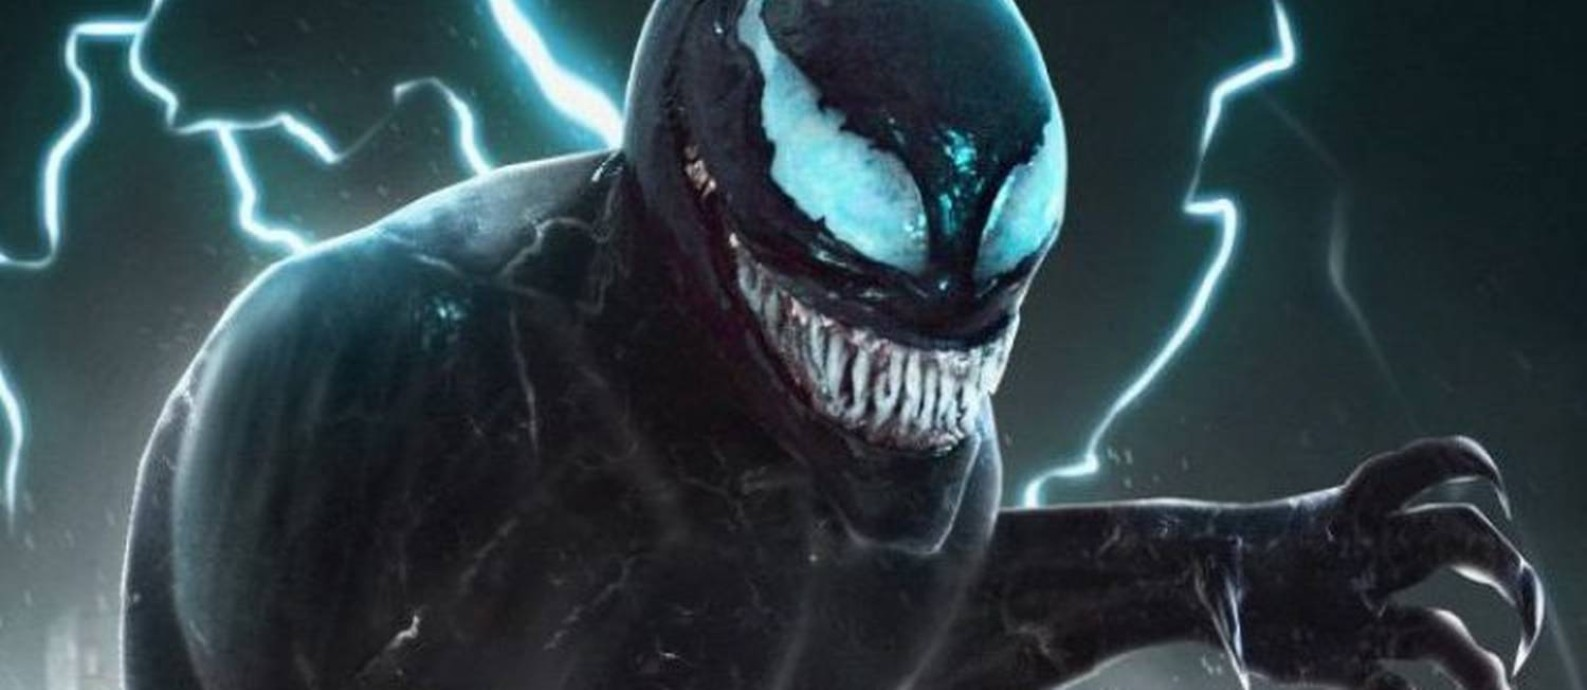 Venom, popular vilão do universo do Homem-Aranha Foto: Divulgação